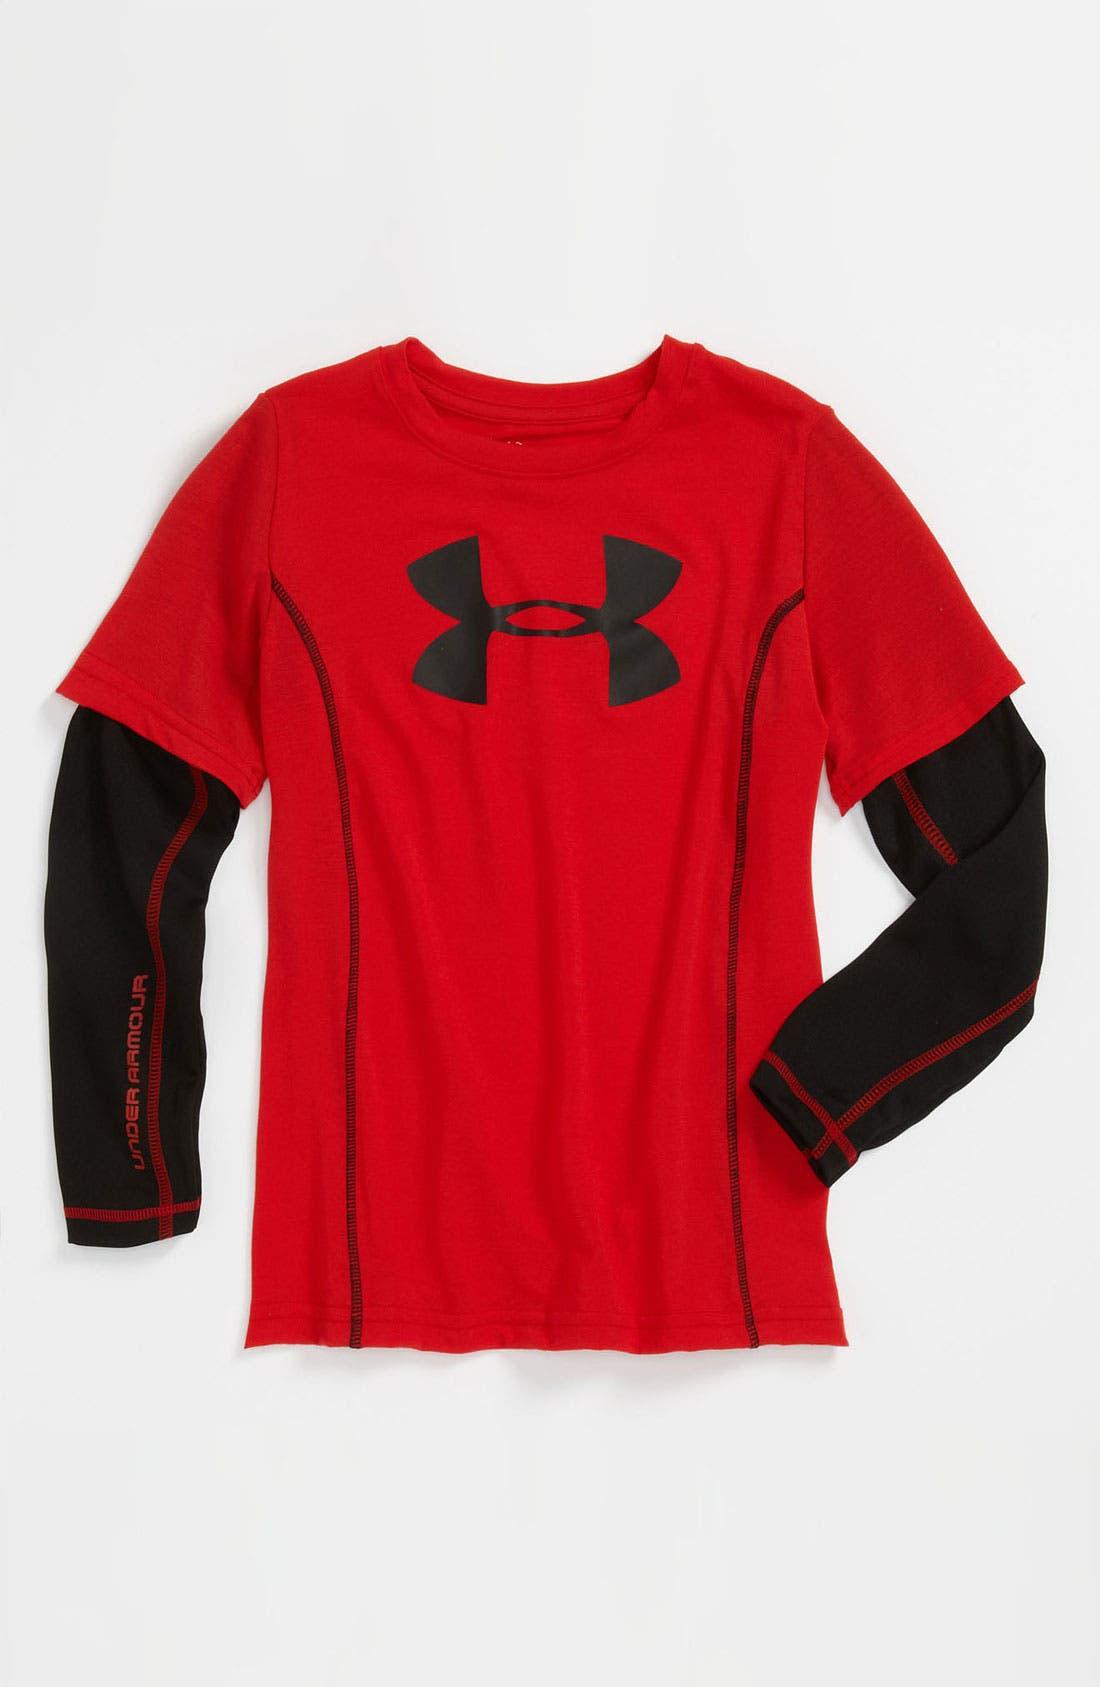 Alternate Image 1 Selected - Under Armour 'Slider' AllSeasonGear® T-Shirt (Little Boys)